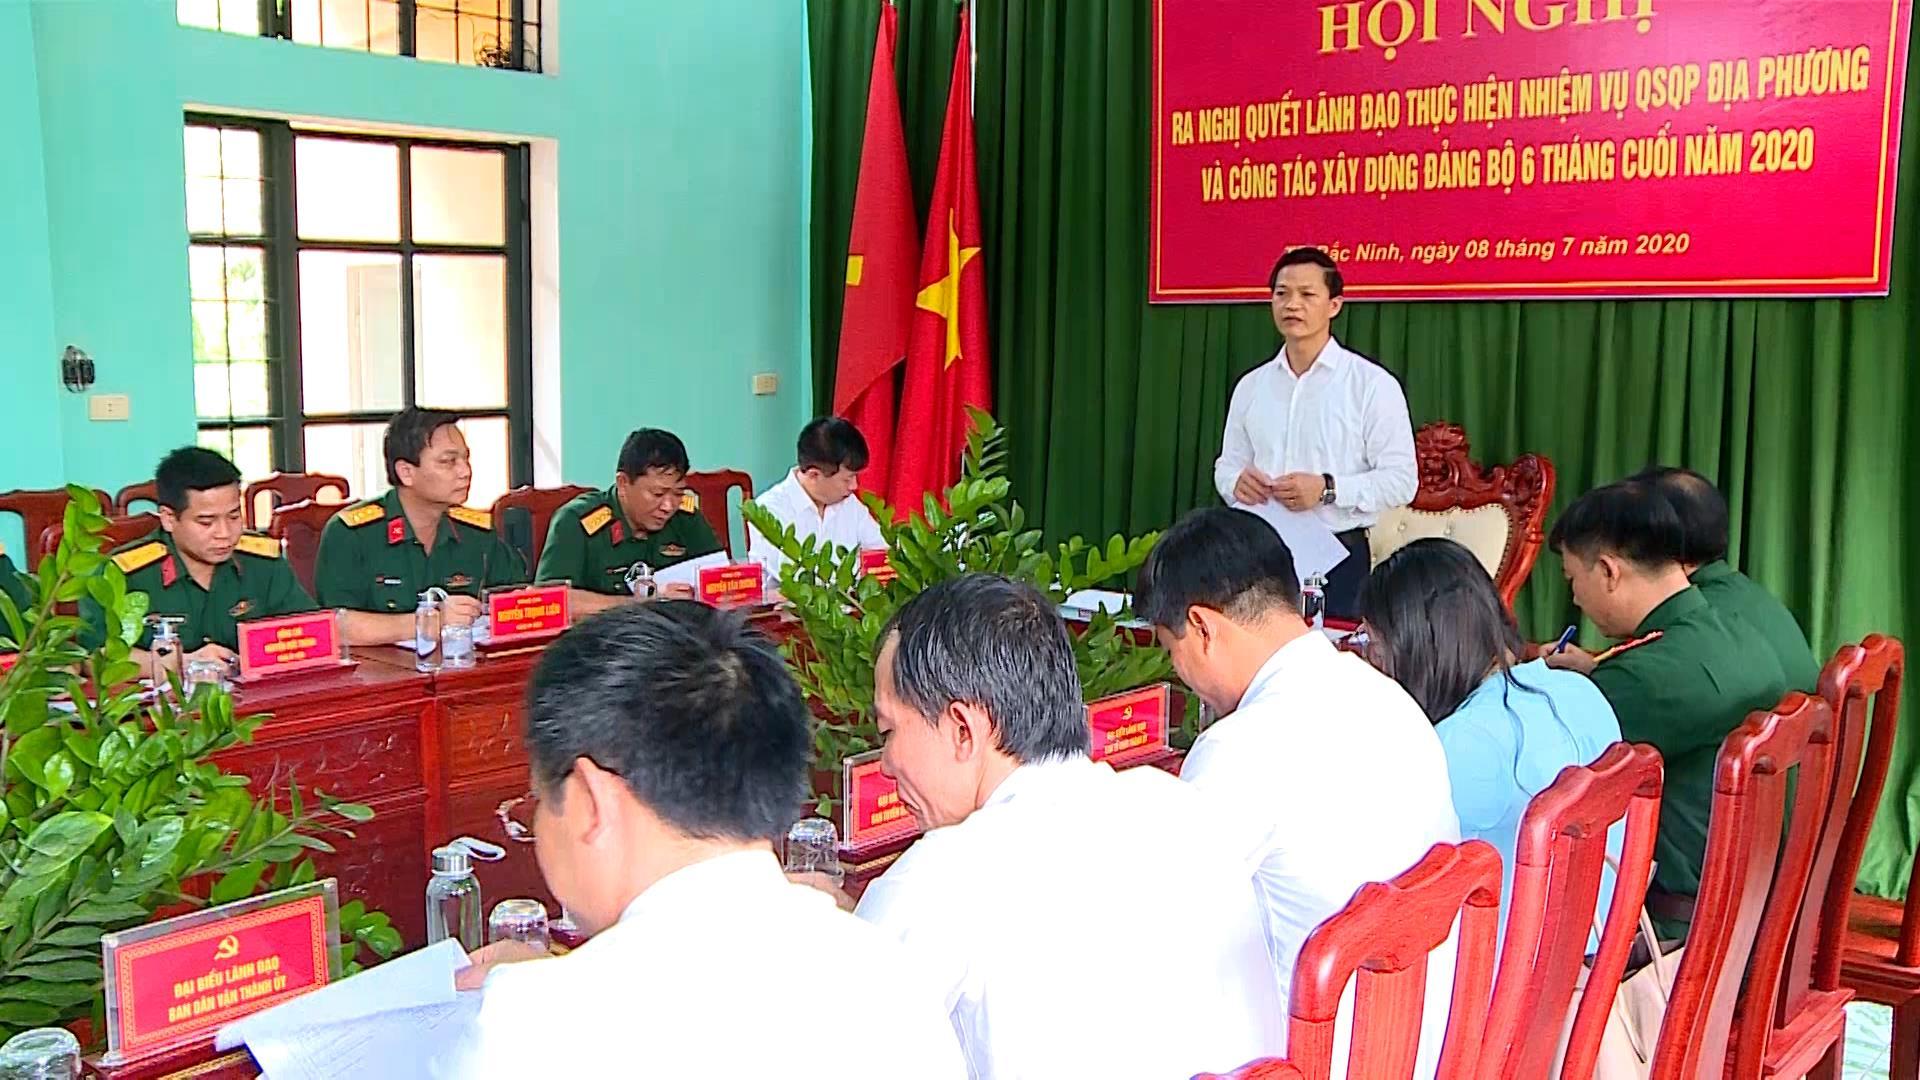 Đảng ủy Quân sự thành phố Bắc Ninh ra Nghị quyết lãnh đạo nhiệm vụ quân sự - quốc phòng địa phương